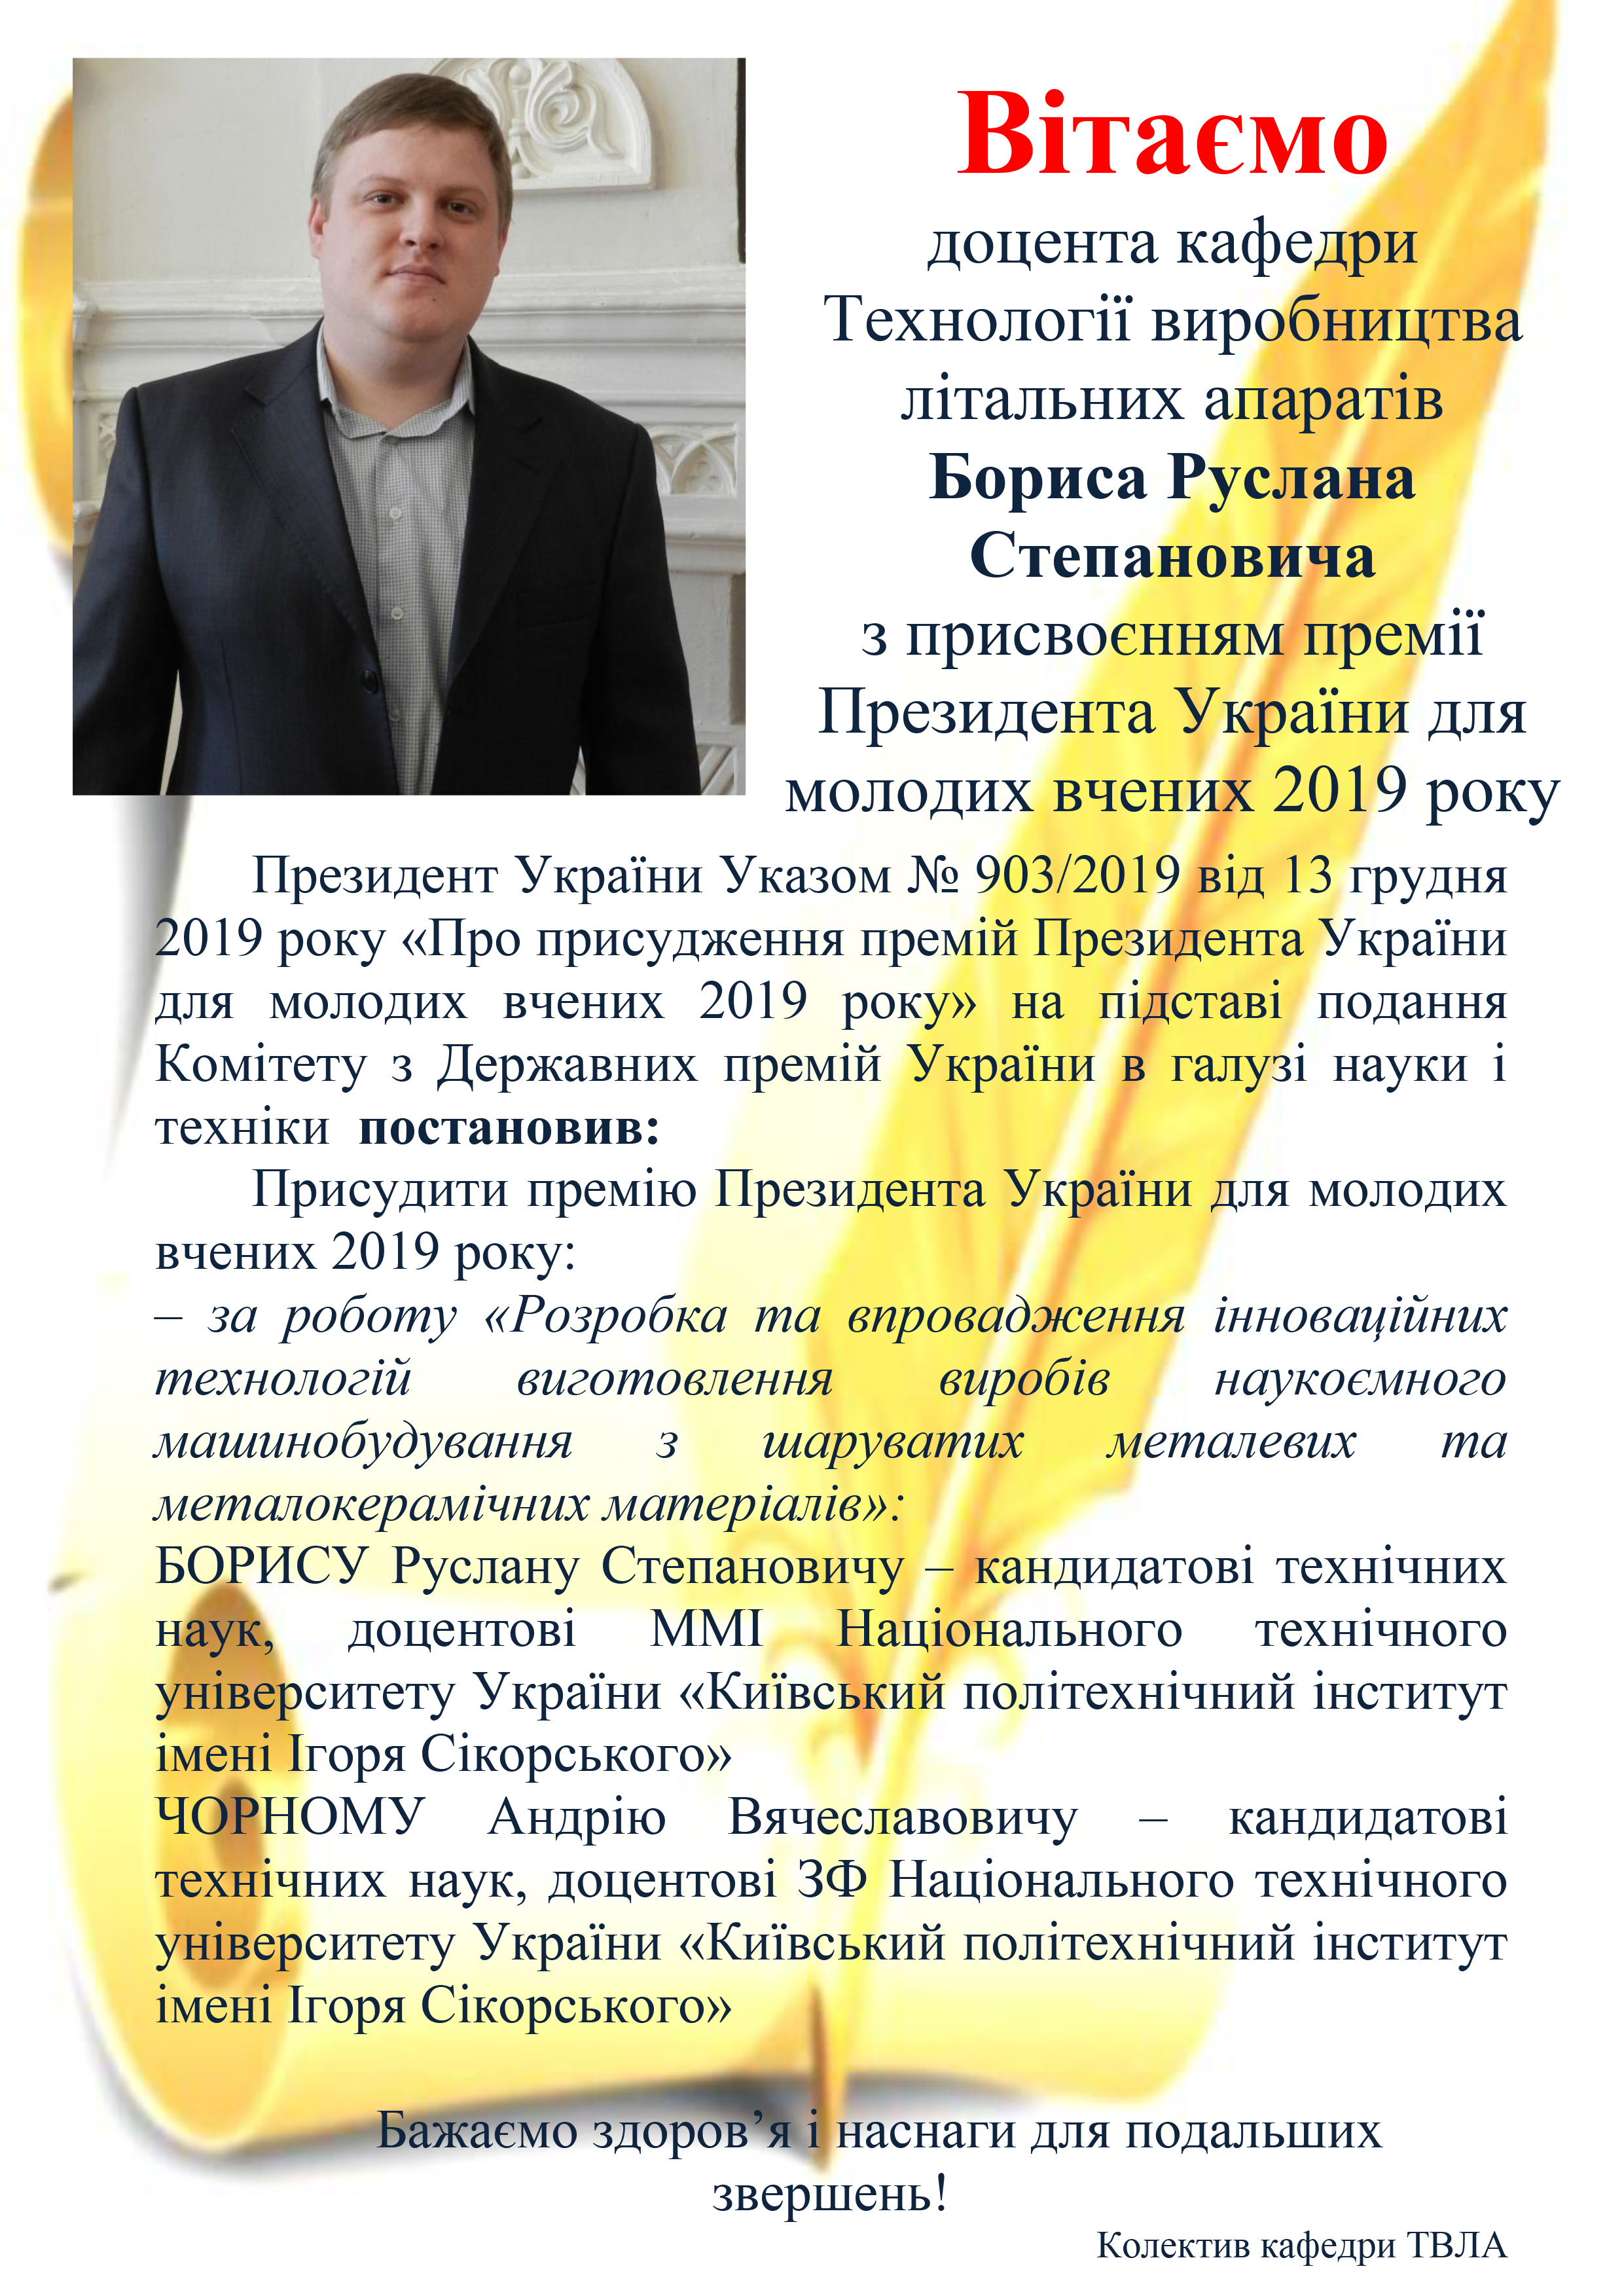 Вітання Борису Р.С. 2019 А1 кафедра ТВЛА